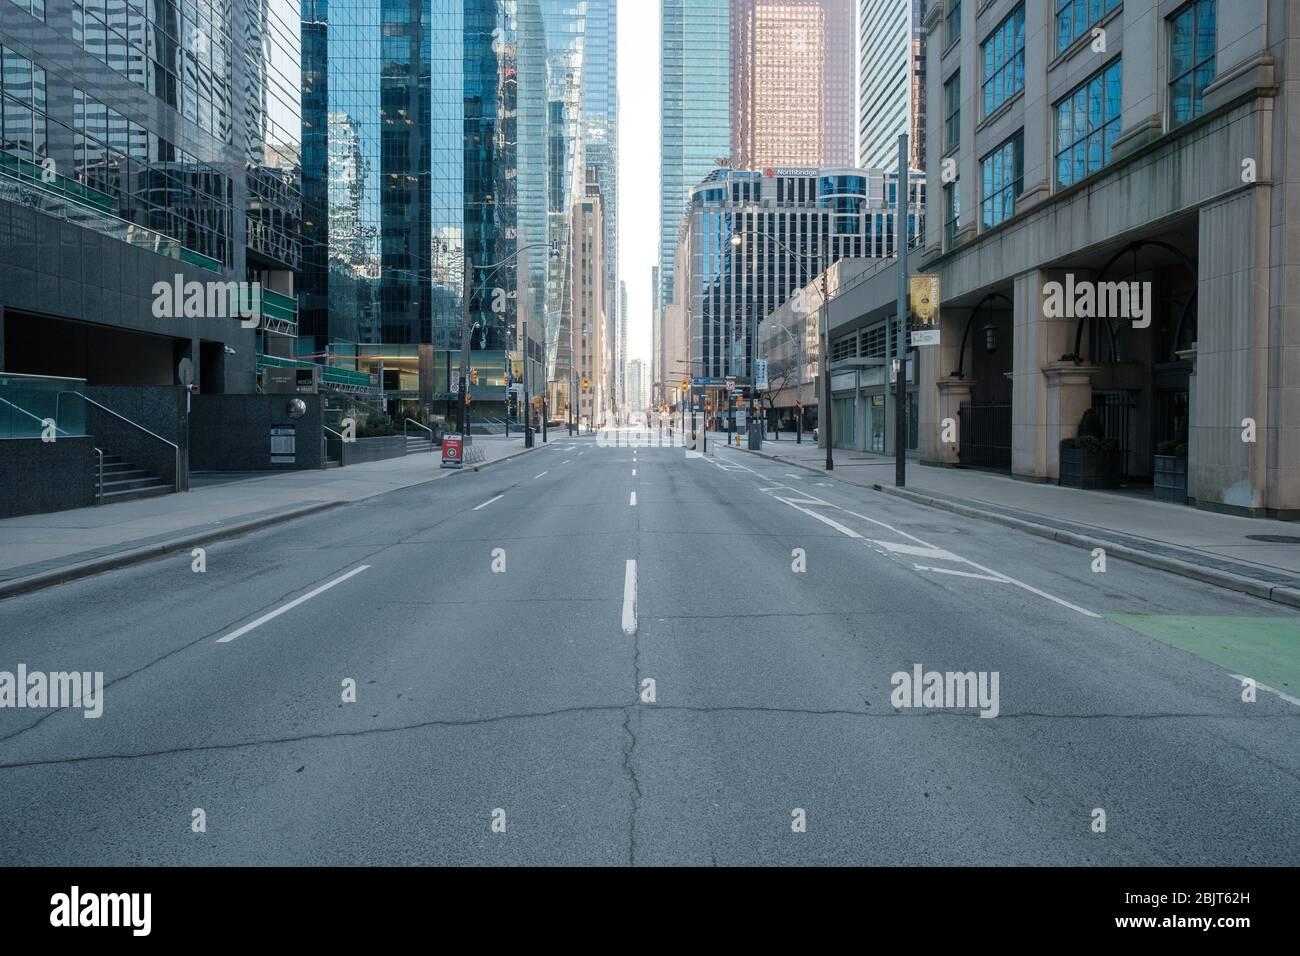 Centre-ville de Toronto pendant la pandémie de COVID-19 - rues vides de la ville Banque D'Images